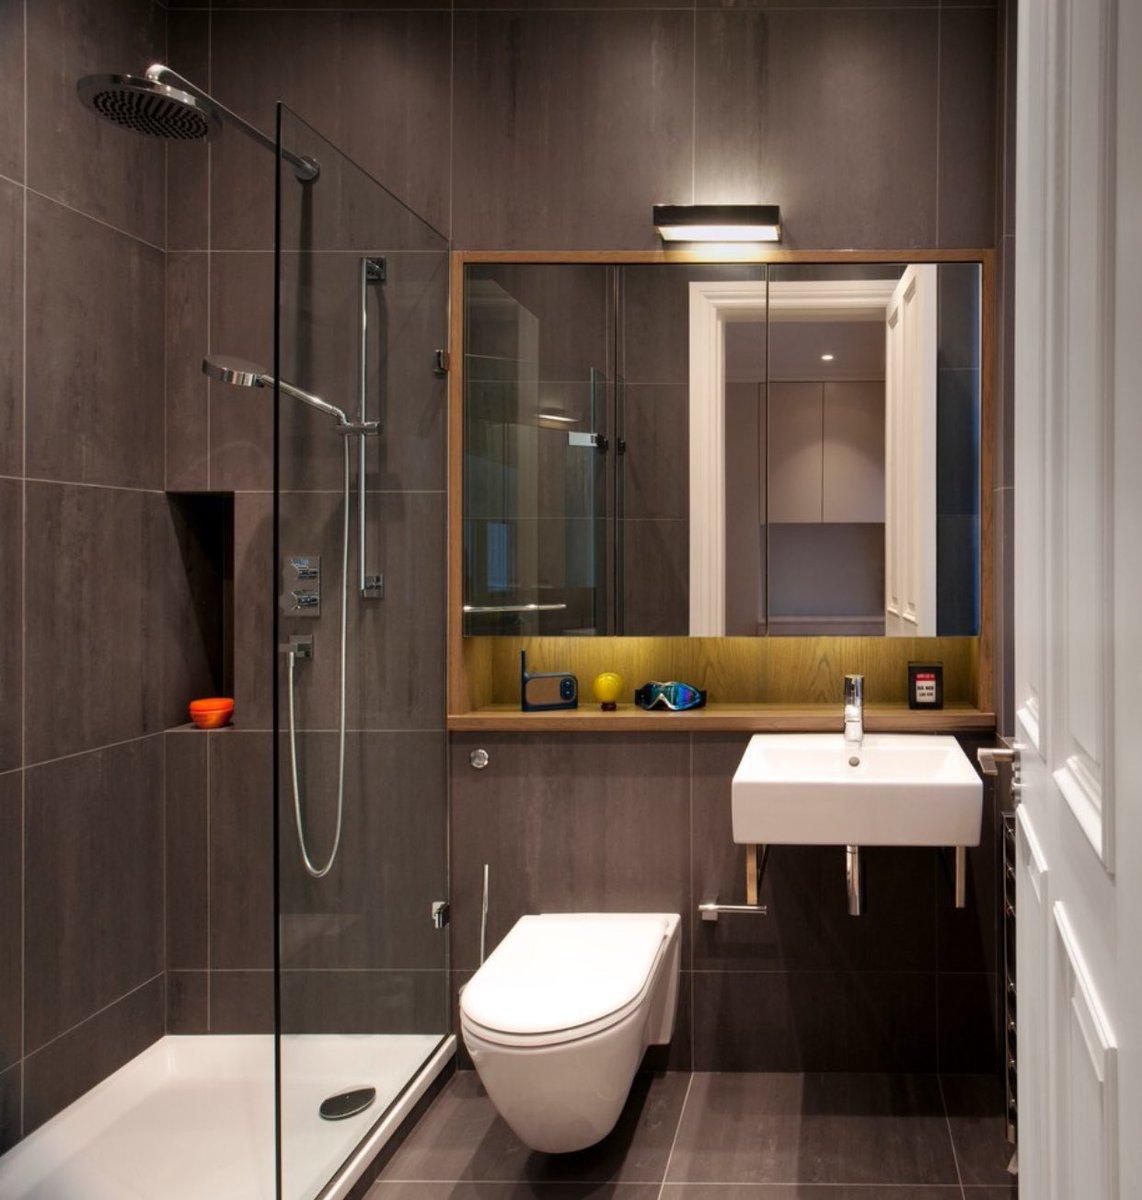 بالصور تصميم حمامات , ديكور حمامات 3361 1